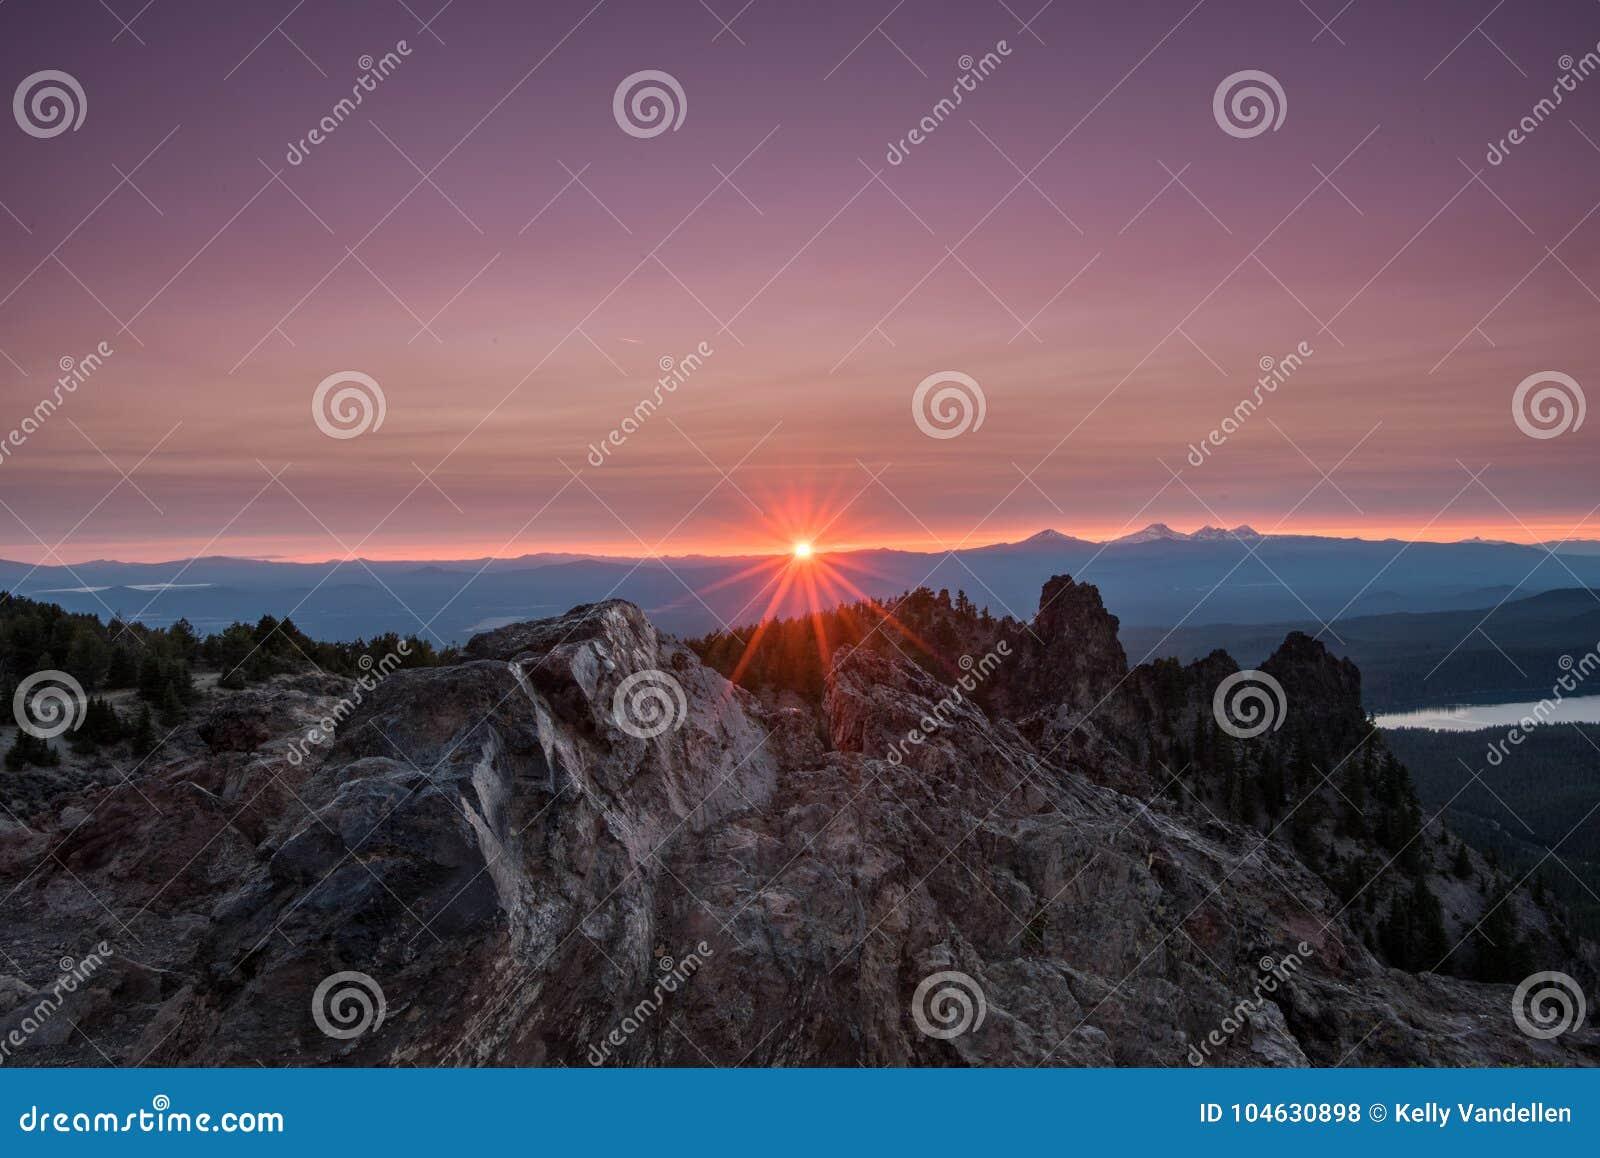 Download Wolken Lichtpaarse Bovengenoemde Zonnestraal Op Paulina Peak Stock Foto - Afbeelding bestaande uit vreedzaam, mount: 104630898